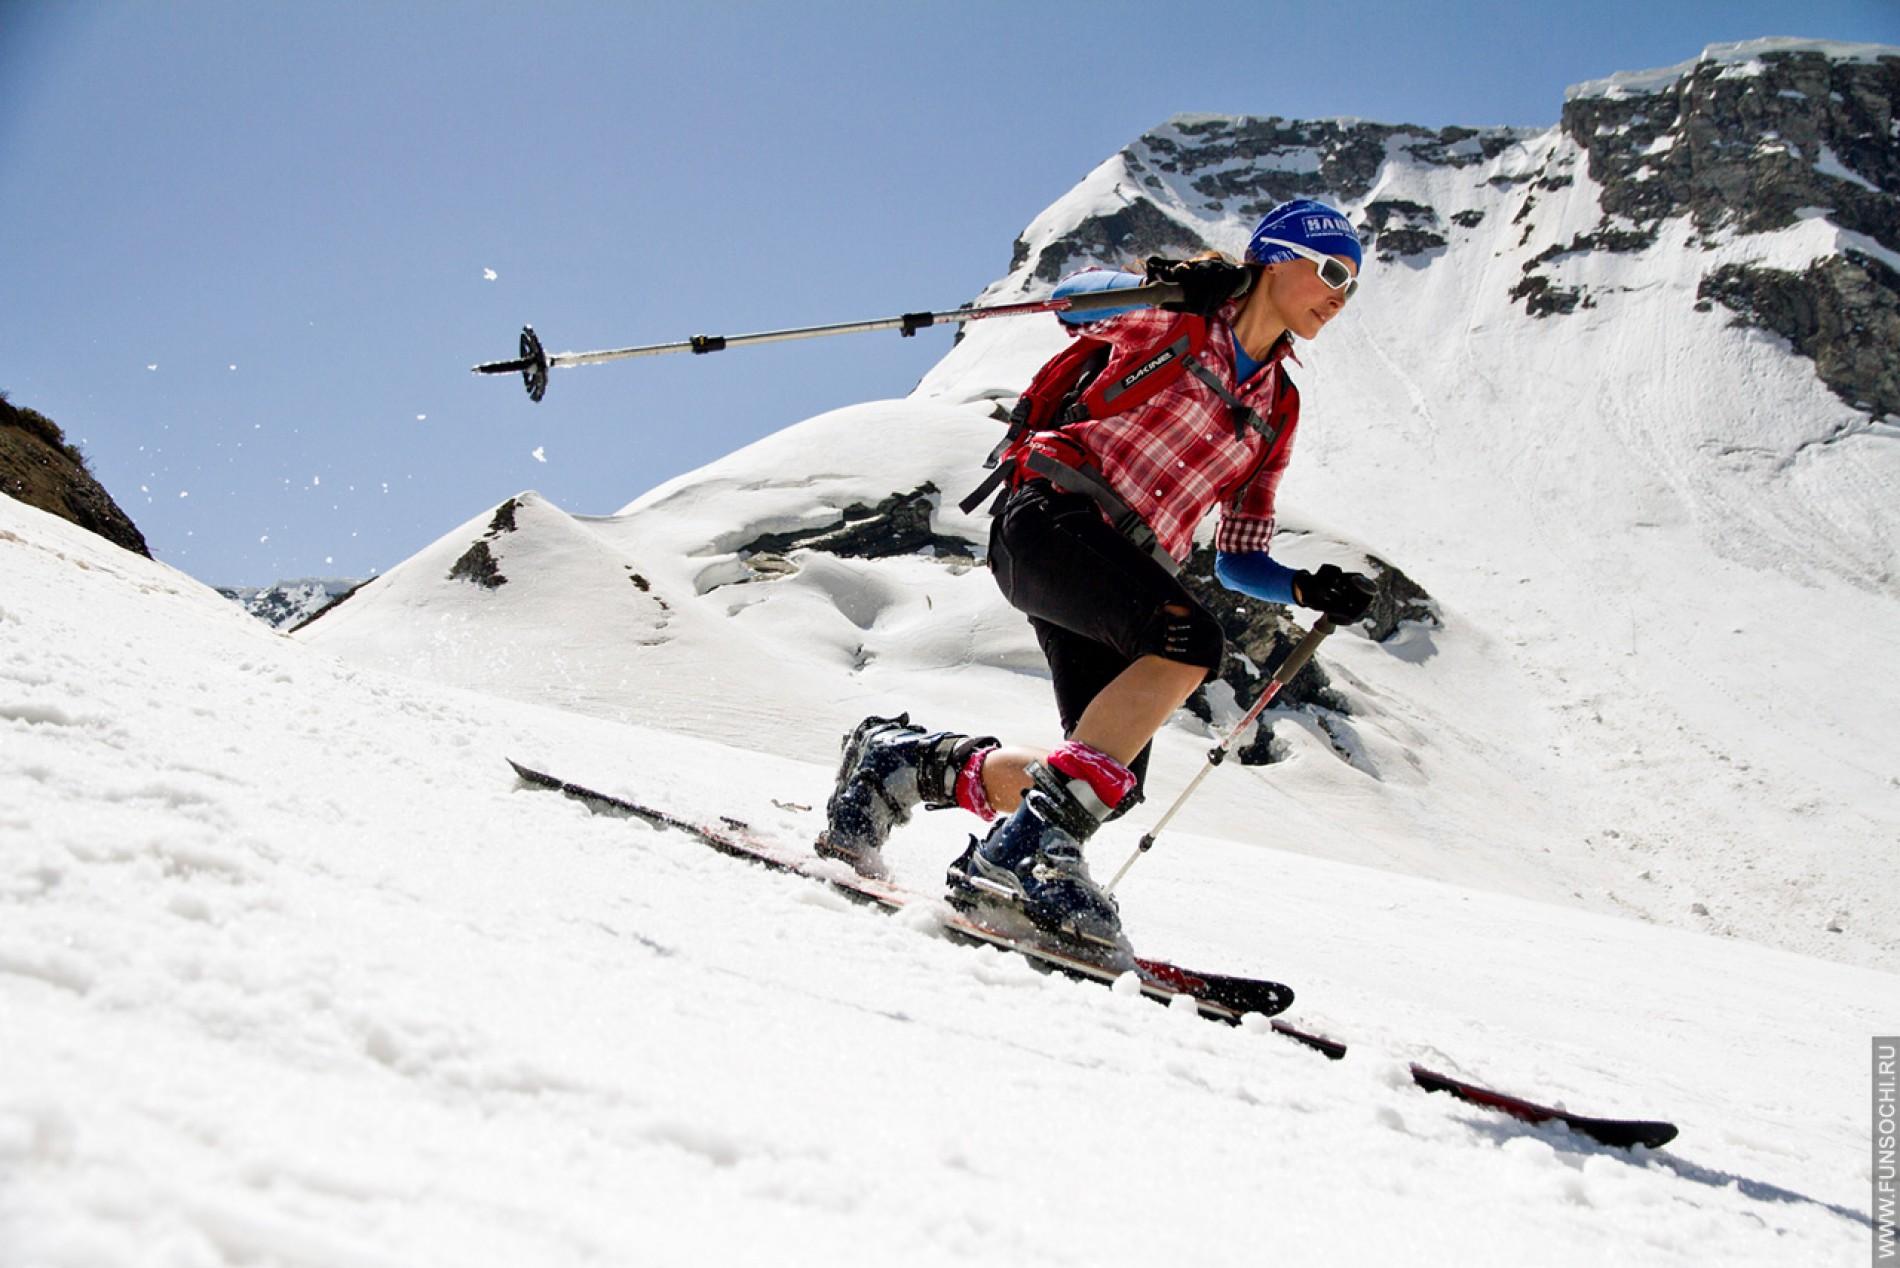 skiering.jpg